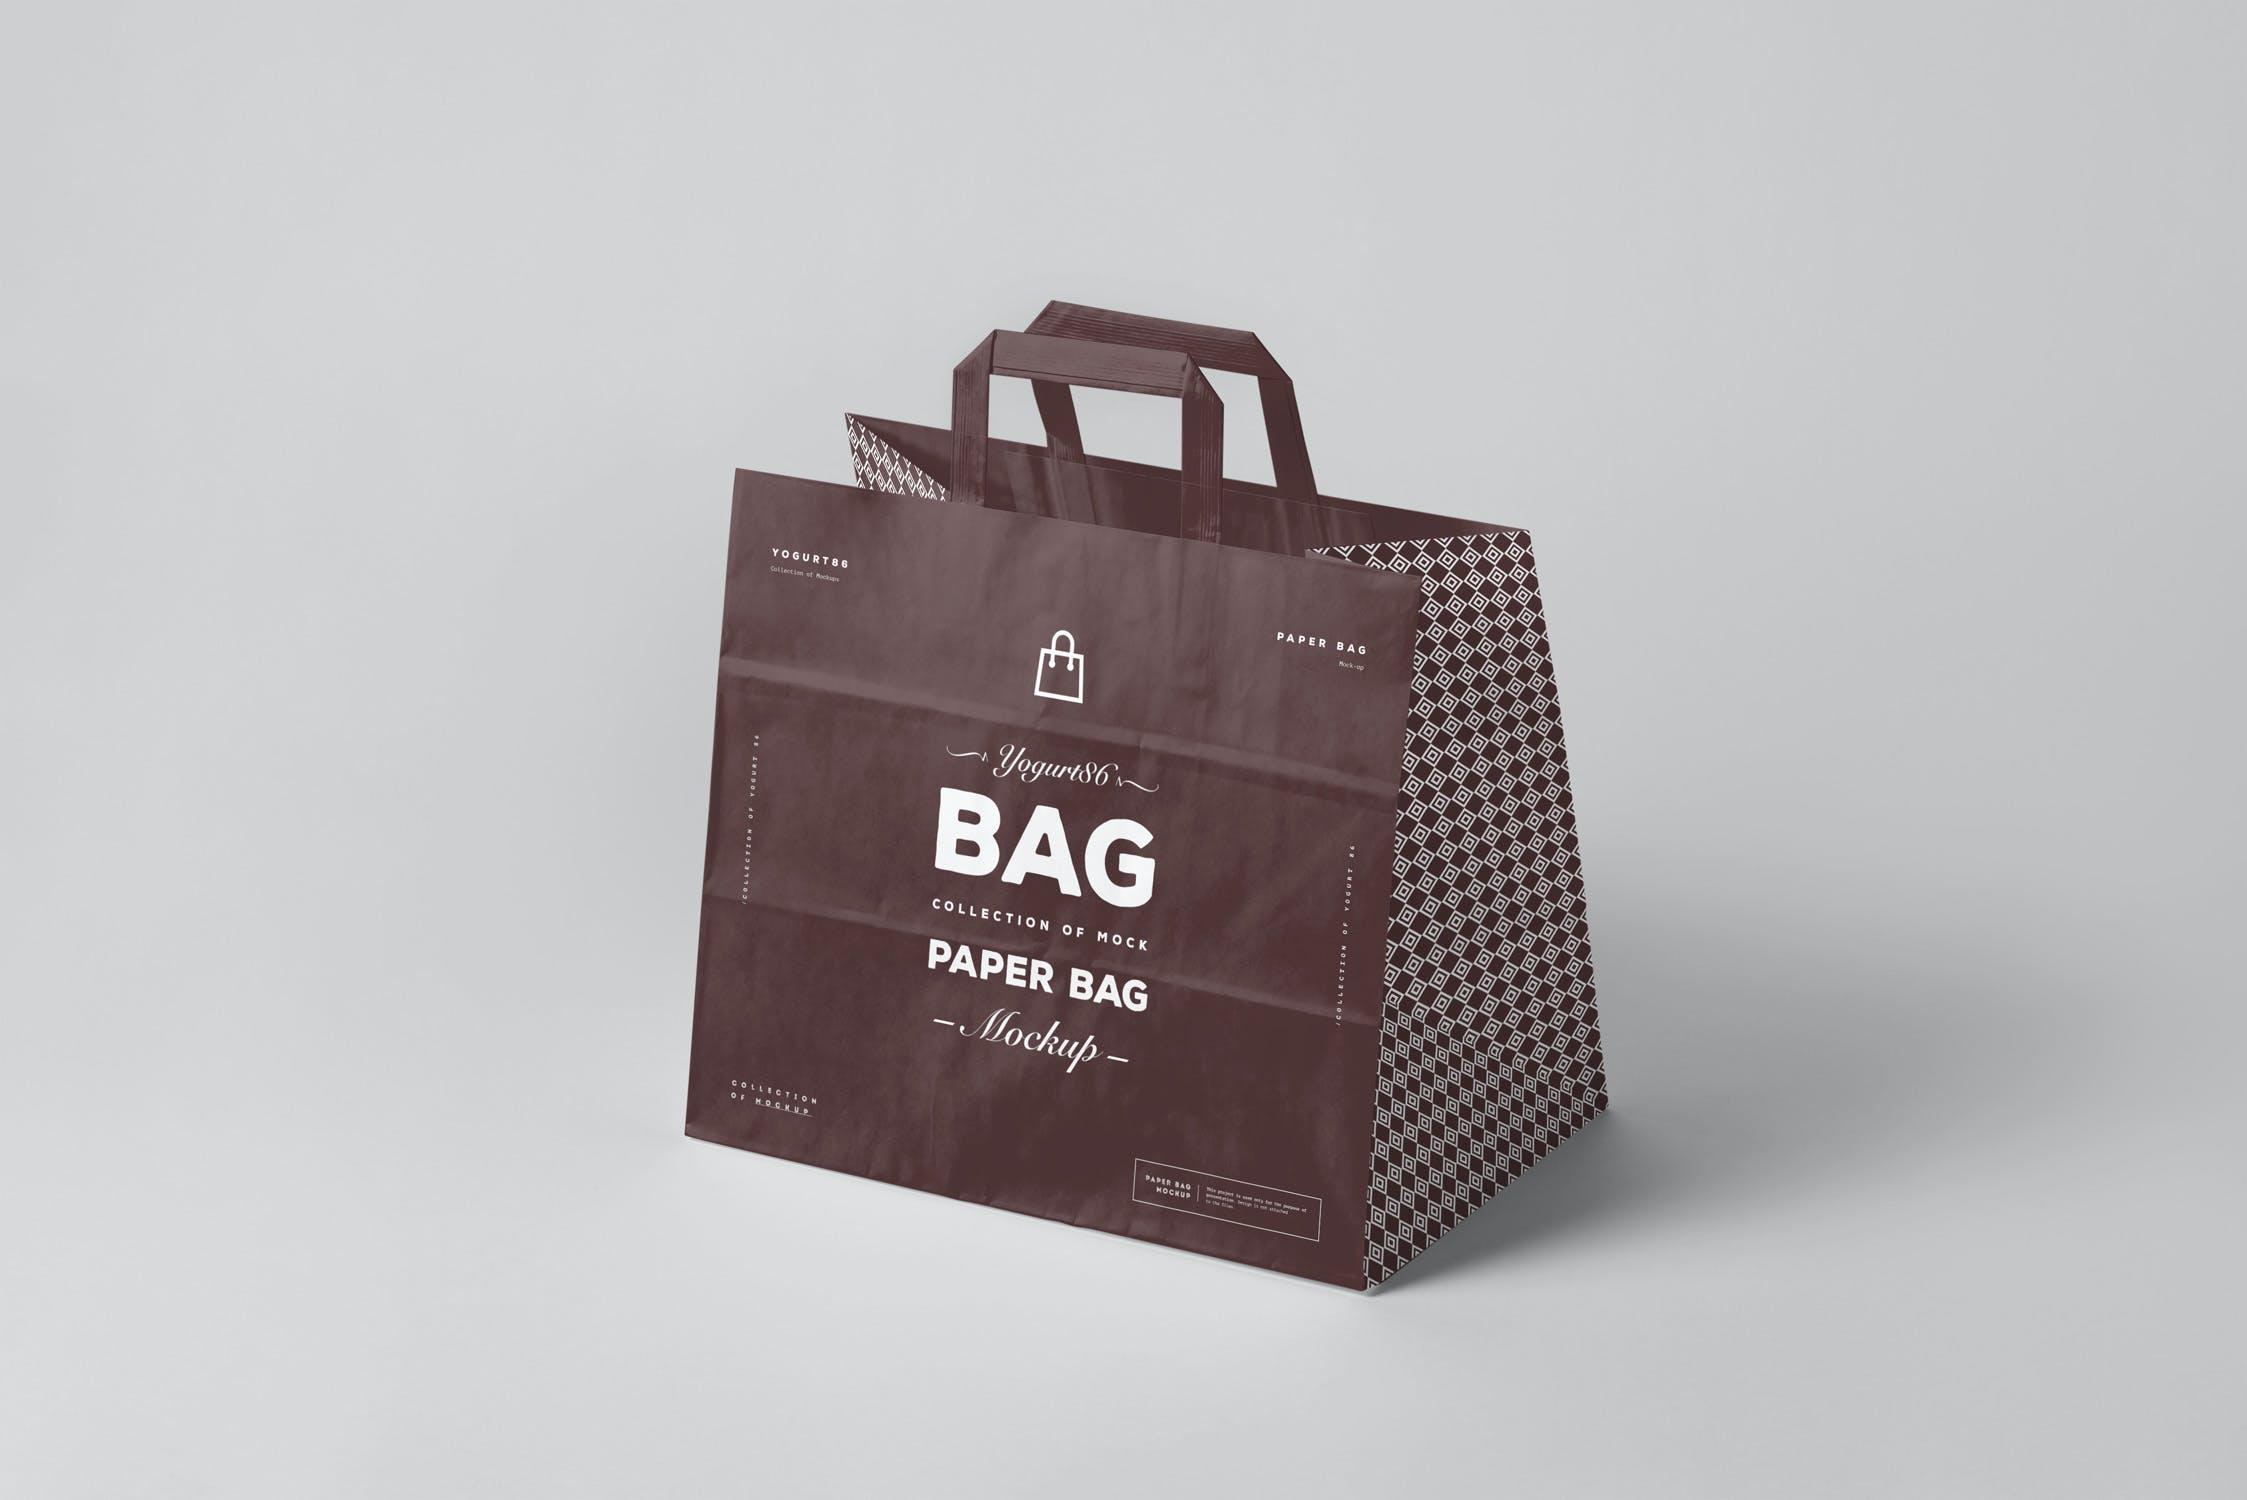 11款商城购物手提纸袋设计展示样机 Paper Bag Mockup 3插图(2)